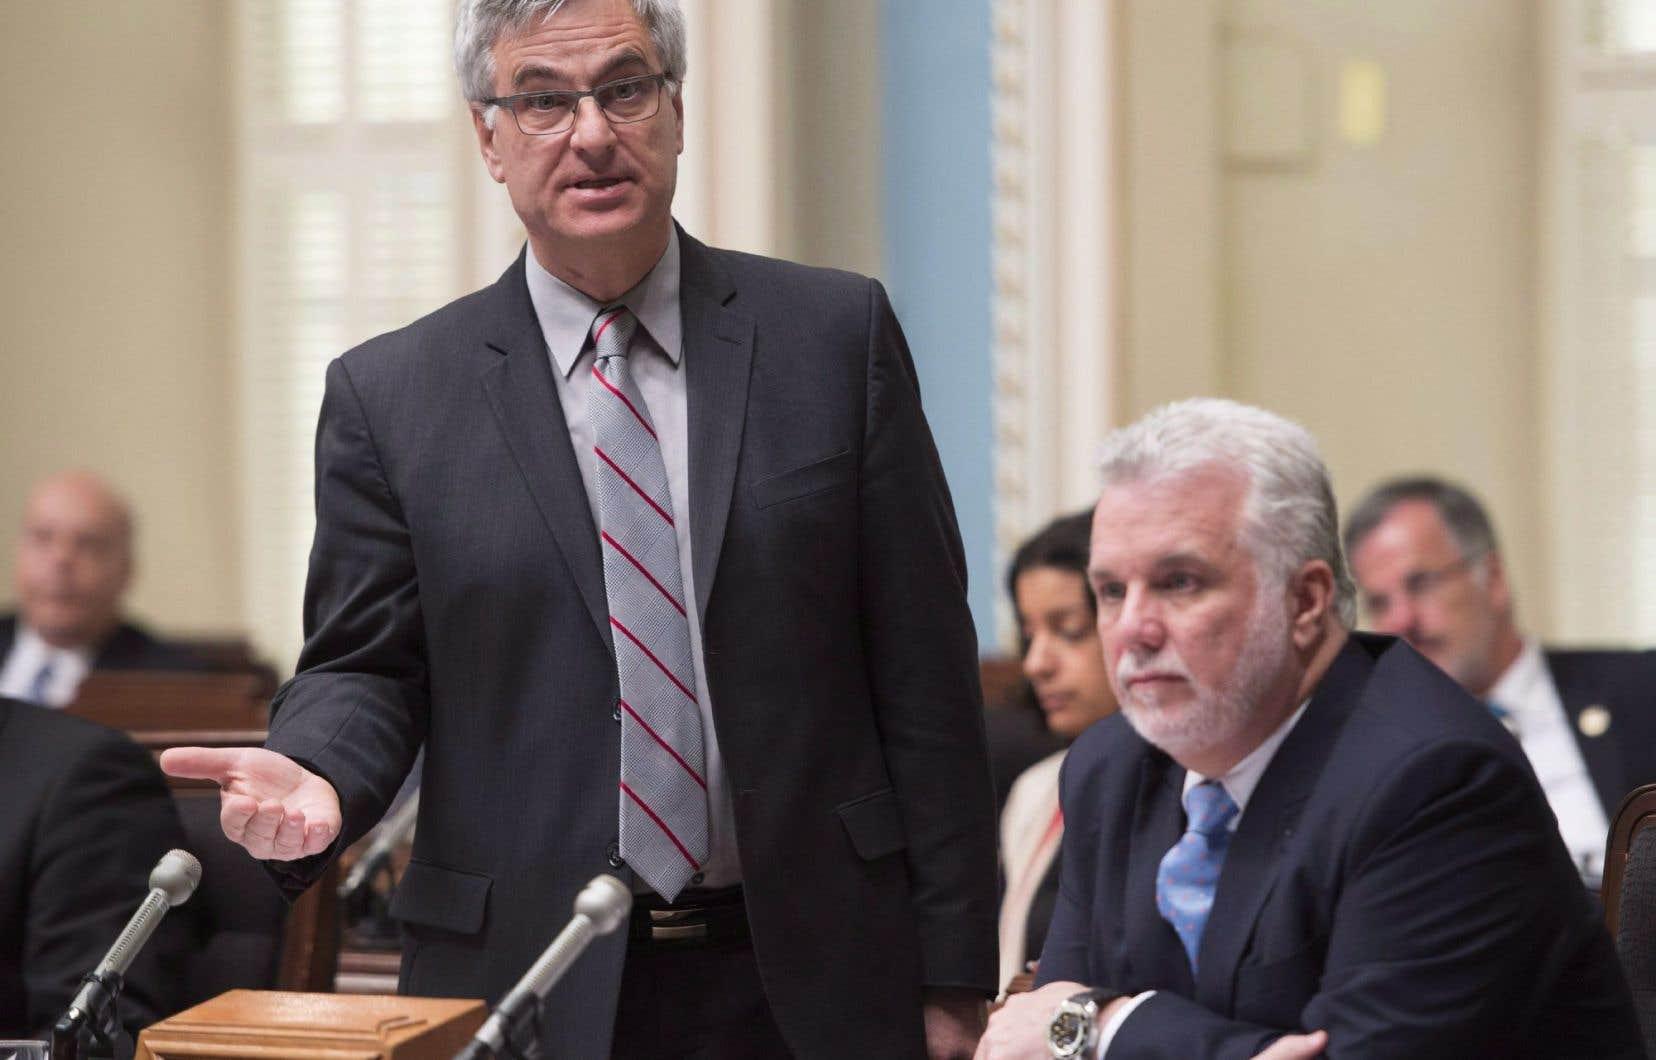 Le ministre des Relations canadiennes, Jean-Marc Fournier, a dit accueillir «très négativement» les premiers épisodes de la série historique.